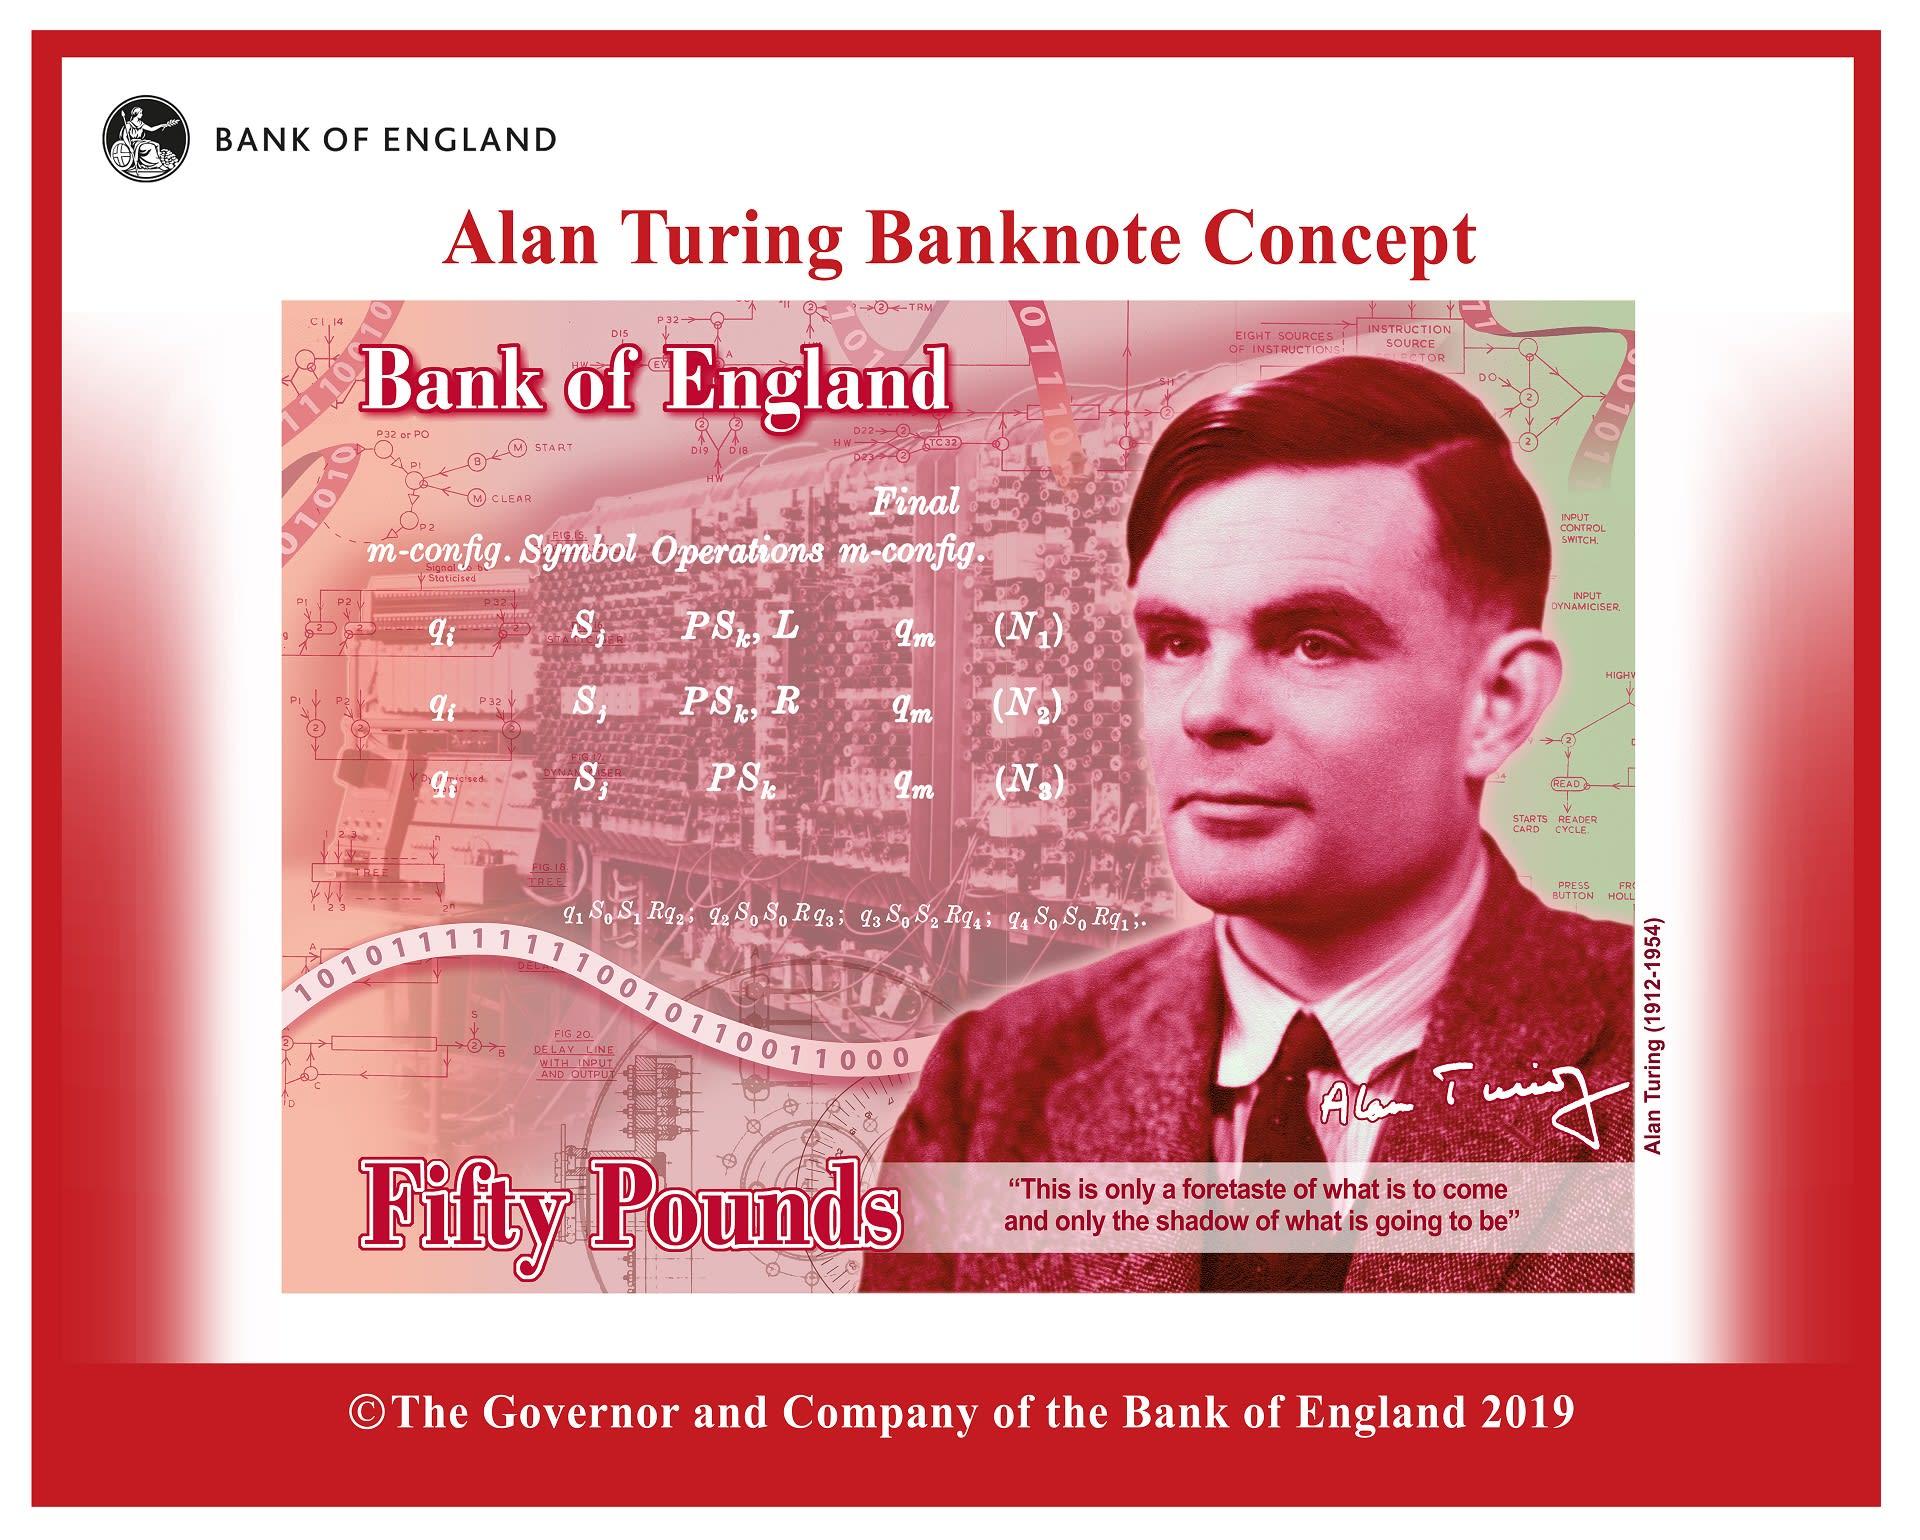 Seteli, jossa Alan Turingin kuva.